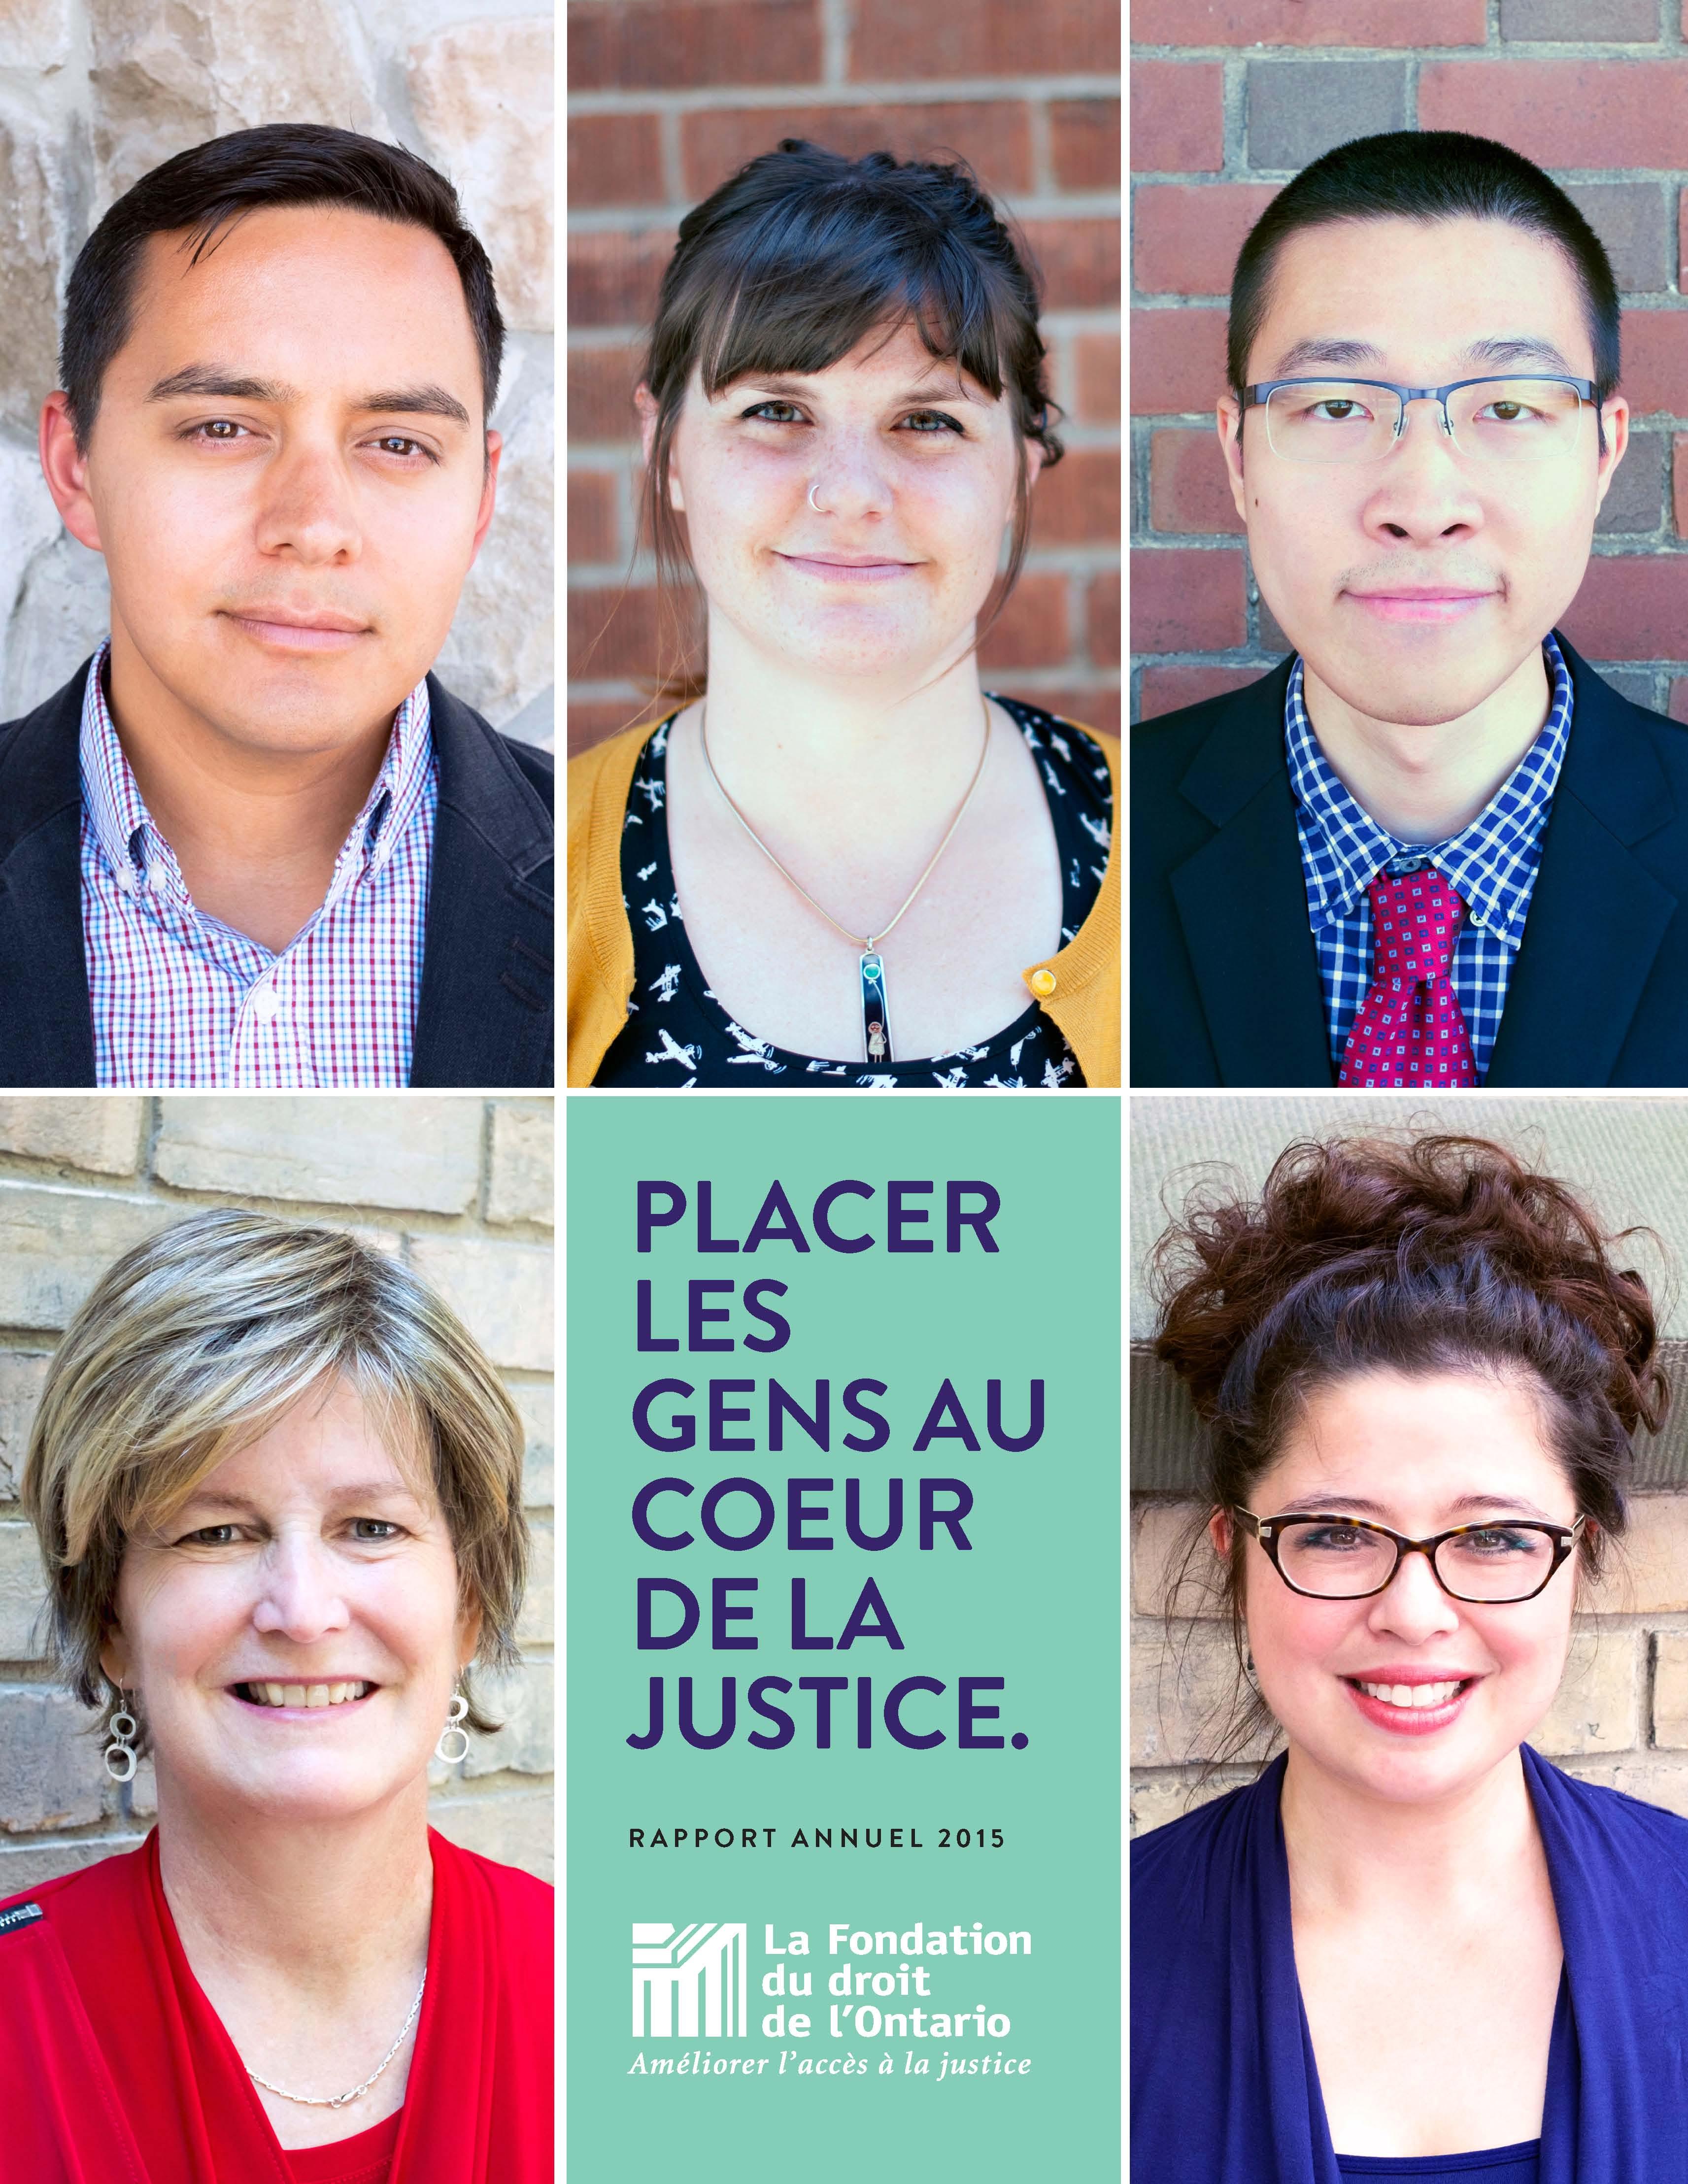 Rapport Annuel 2015 Placer les gens au coeur de la justice